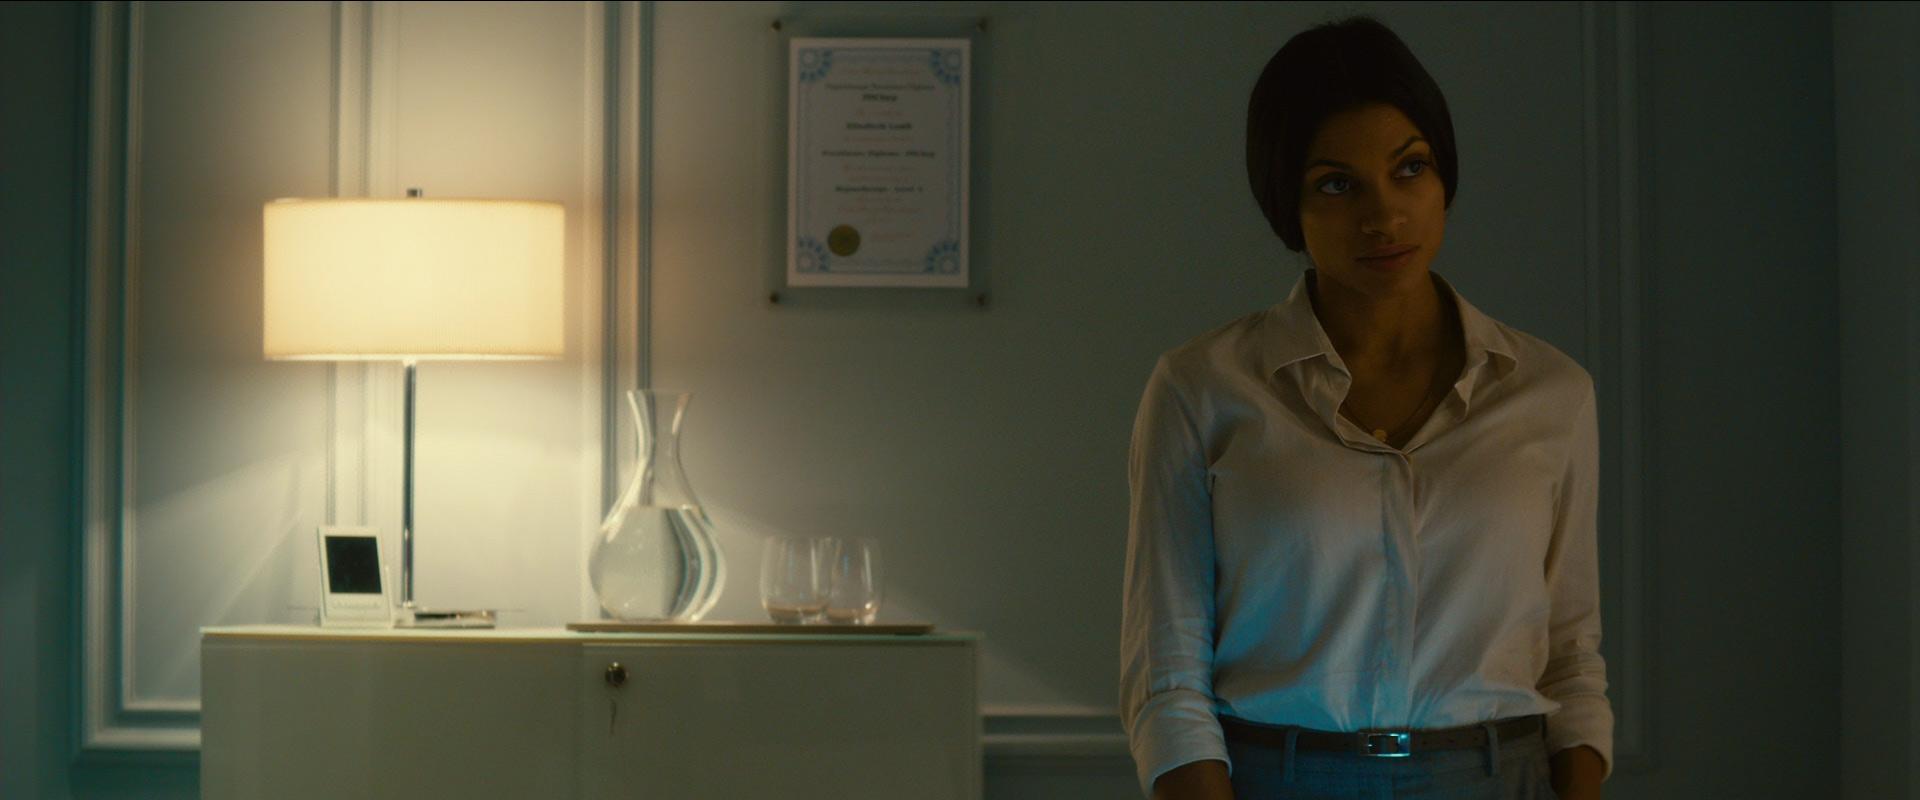 Фильм о трансвеститах смотреть онлайн